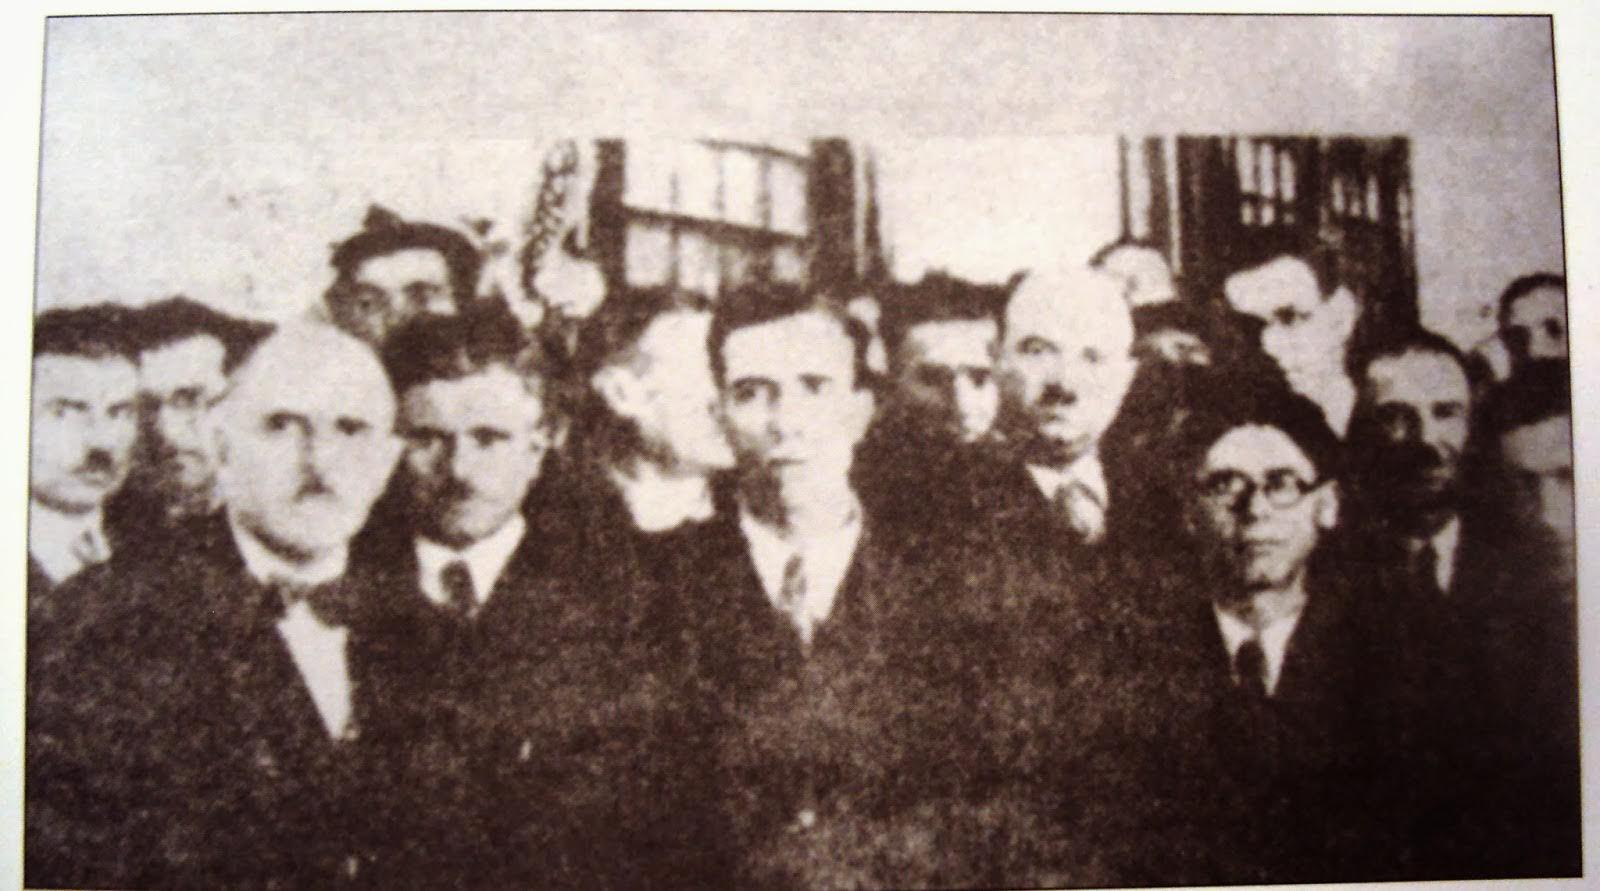 Οι βουλευτές του Παλλαϊκού Μετώπου